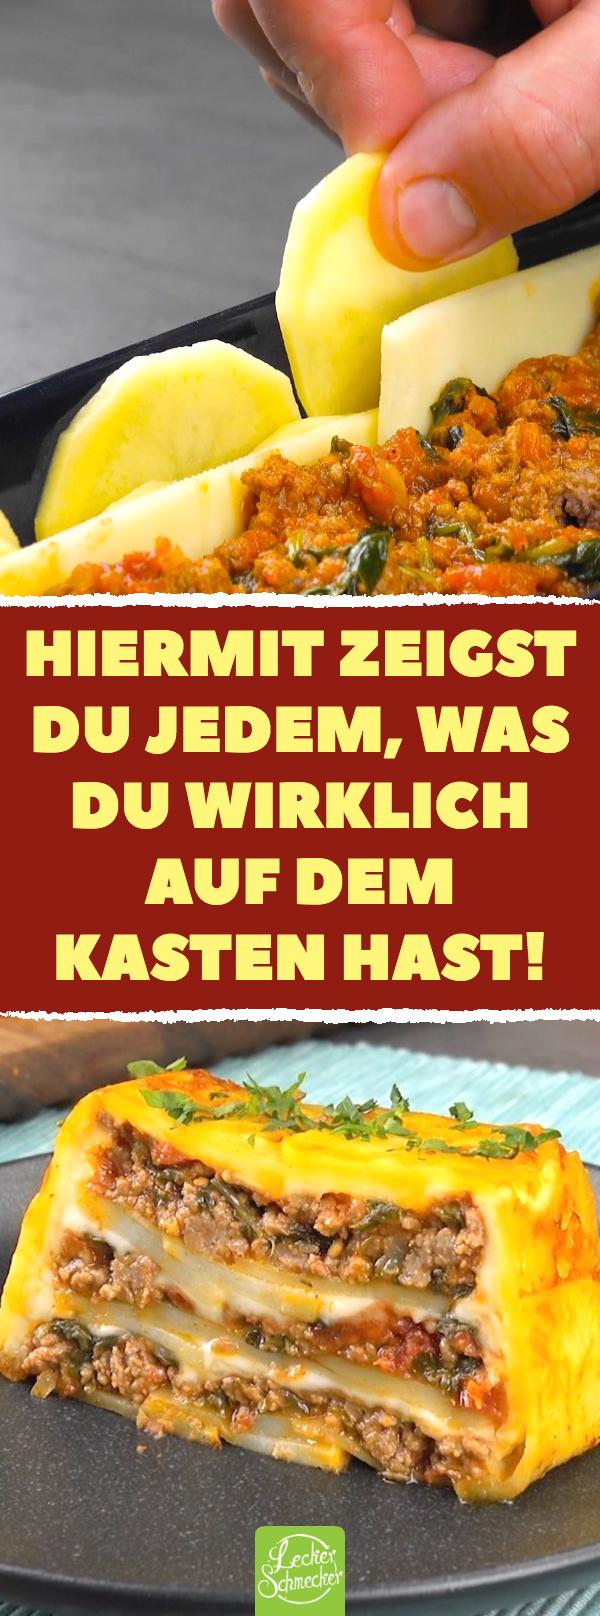 Aus der Kastenform: Kartoffelauflauf mit Hackfleisch, Spinat, Tomaten & Käse